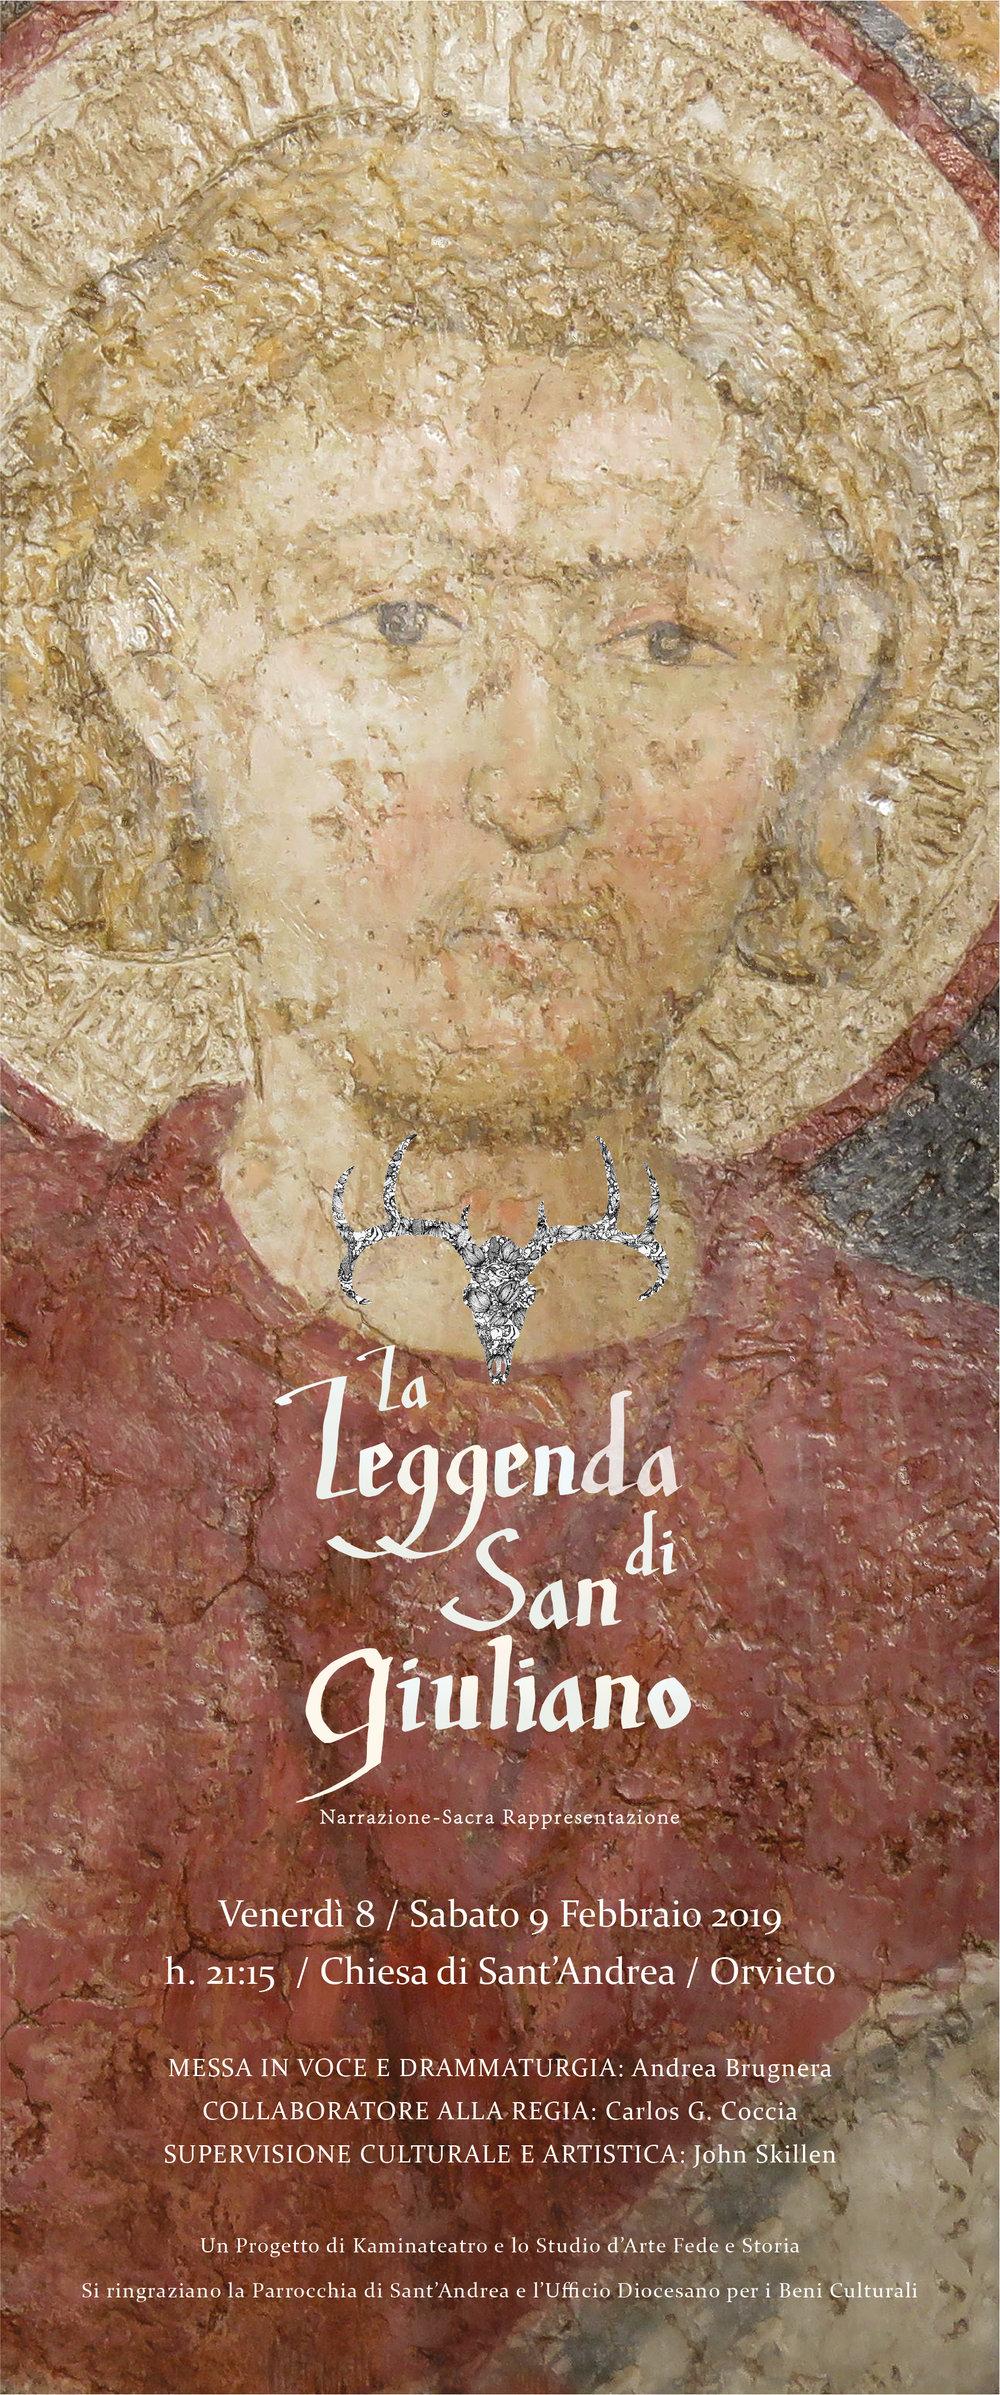 San Giuliano poster 1.25.19.jpeg